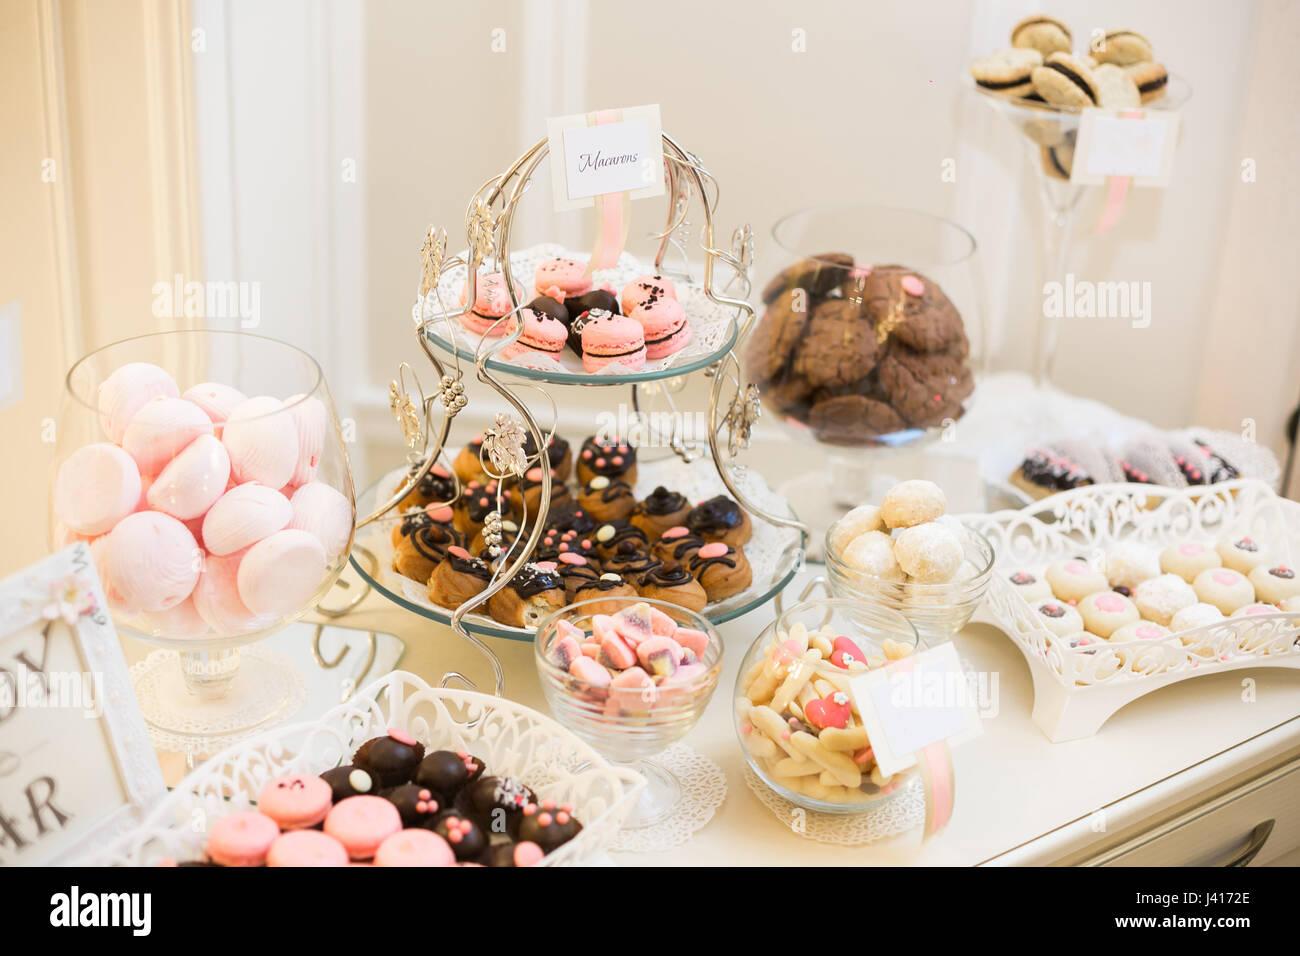 Candy Bar Banketttisch Voller Desserts Und Eine Auswahl An